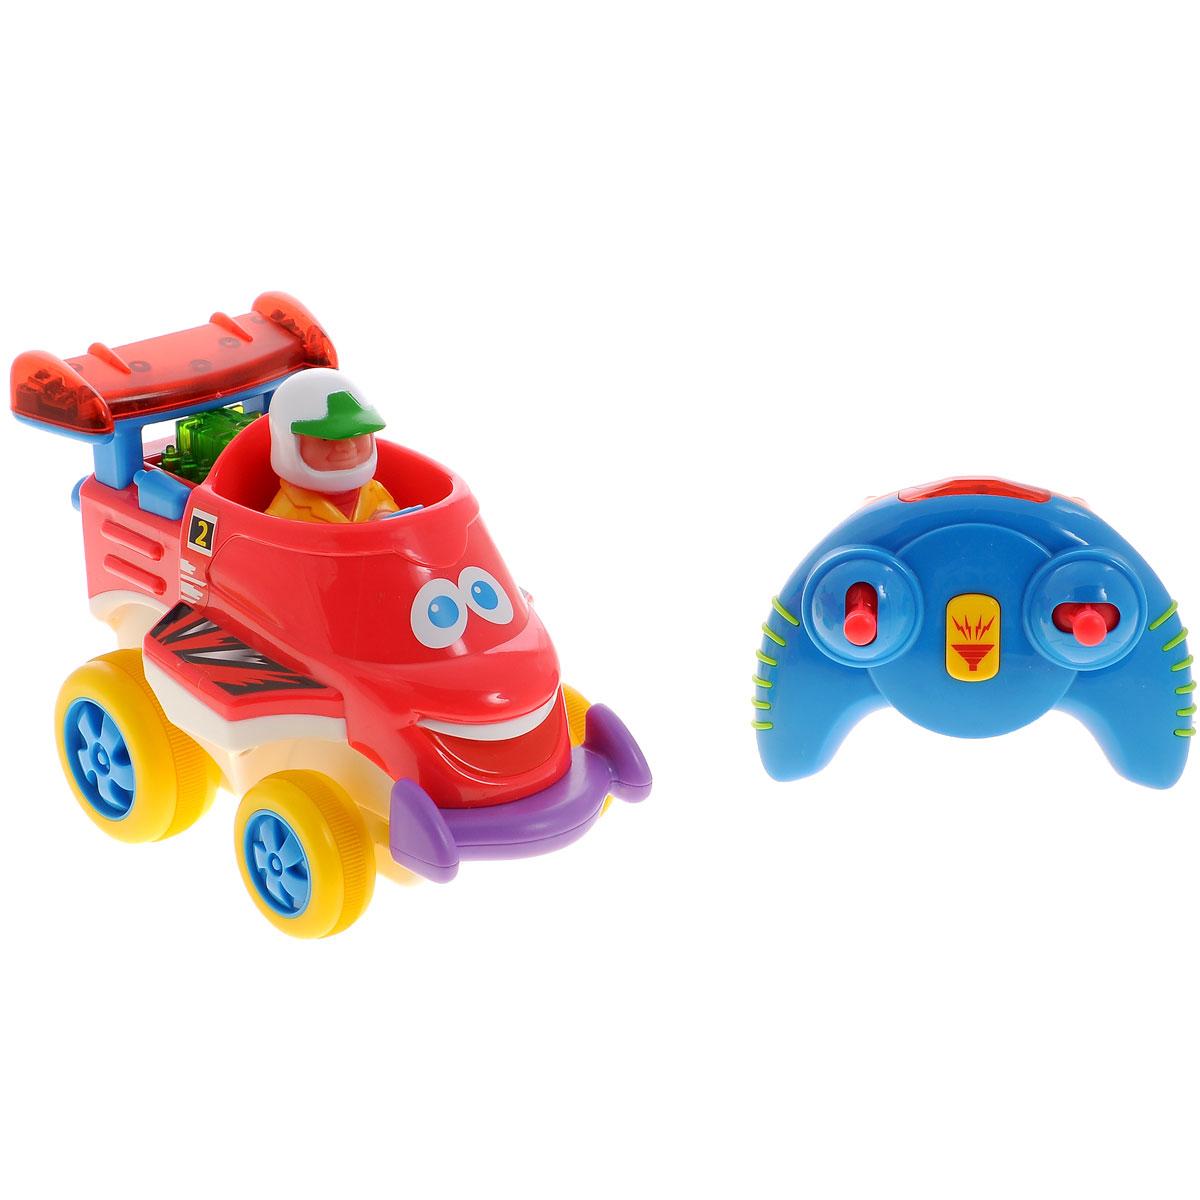 Kiddieland Развивающая игрушка Юный гонщикKID 041384Развивающая игрушка Kiddieland Юный гонщик со звуковыми и световыми эффектами обязательно понравится юному гонщику. Машинка работает в двух режимах: от пульта дистанционного управления и без него. При нажатии на рычажки пульта эта маленькая машинка будет двигаться вперед, назад, поворачивать влево и вправо, на кнопку сигнала - раздается характерный звук. Если нажать на фигурку водителя или на руль, раздадутся звуки мотора. Пульт удобно держать в маленьких ручках. Игрушка развивает мелкую моторику, мышление, зрительное и звуковое восприятие, повышает двигательную активность малышей. Рекомендуемый возраст: от 18 месяцев. Питание: 4 батарейки типа АА, 3 батарейки типа ААА (входят в комплект).